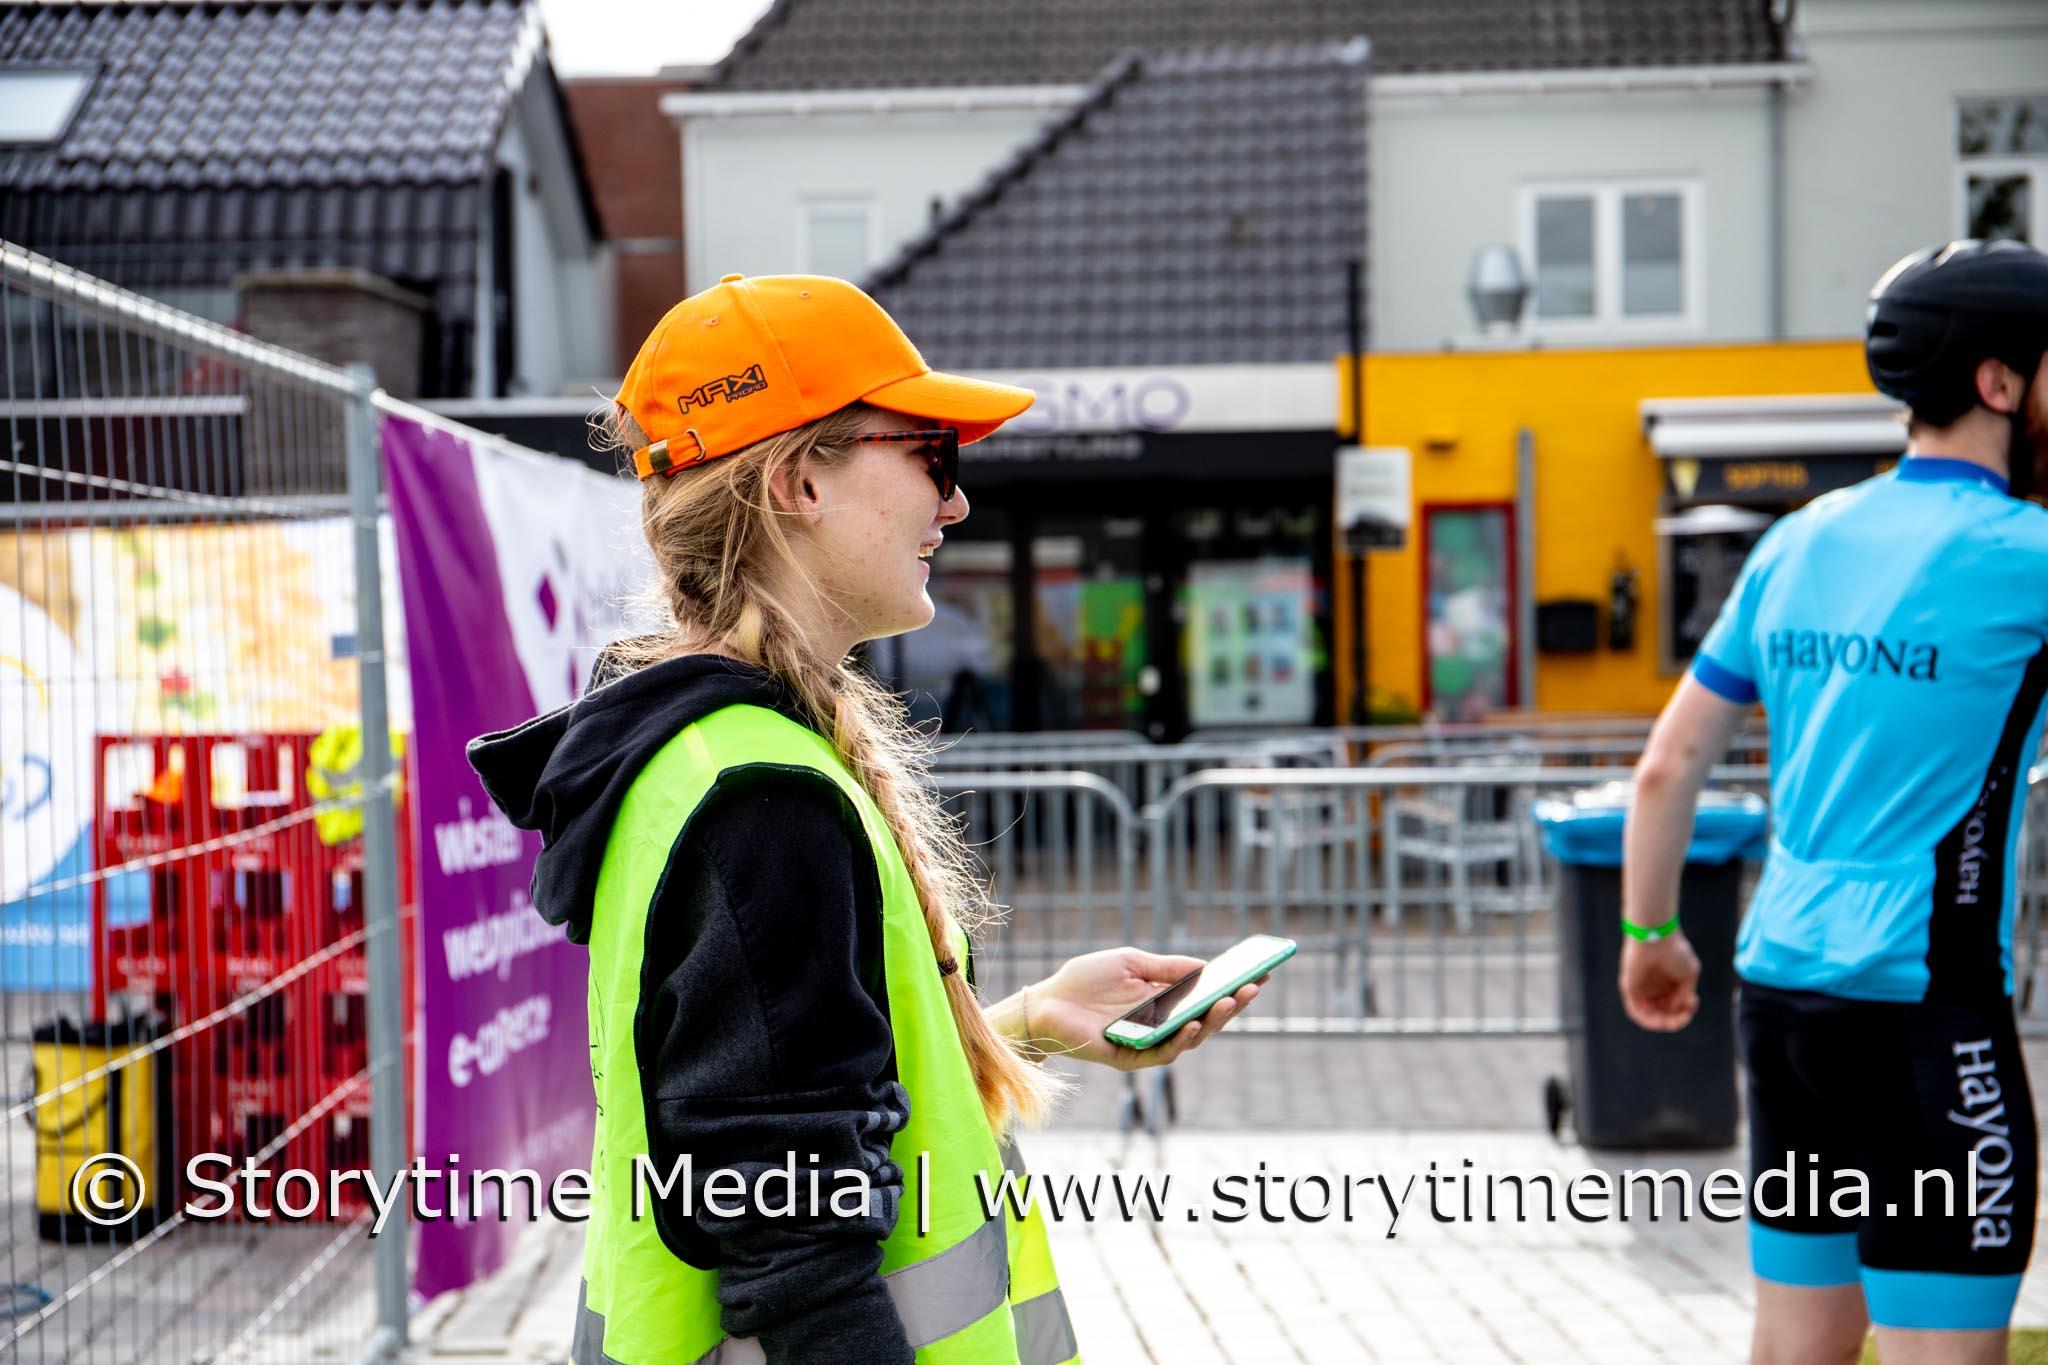 keiler 2019, de nunspeetse keiler 2019, keiler, storytime media